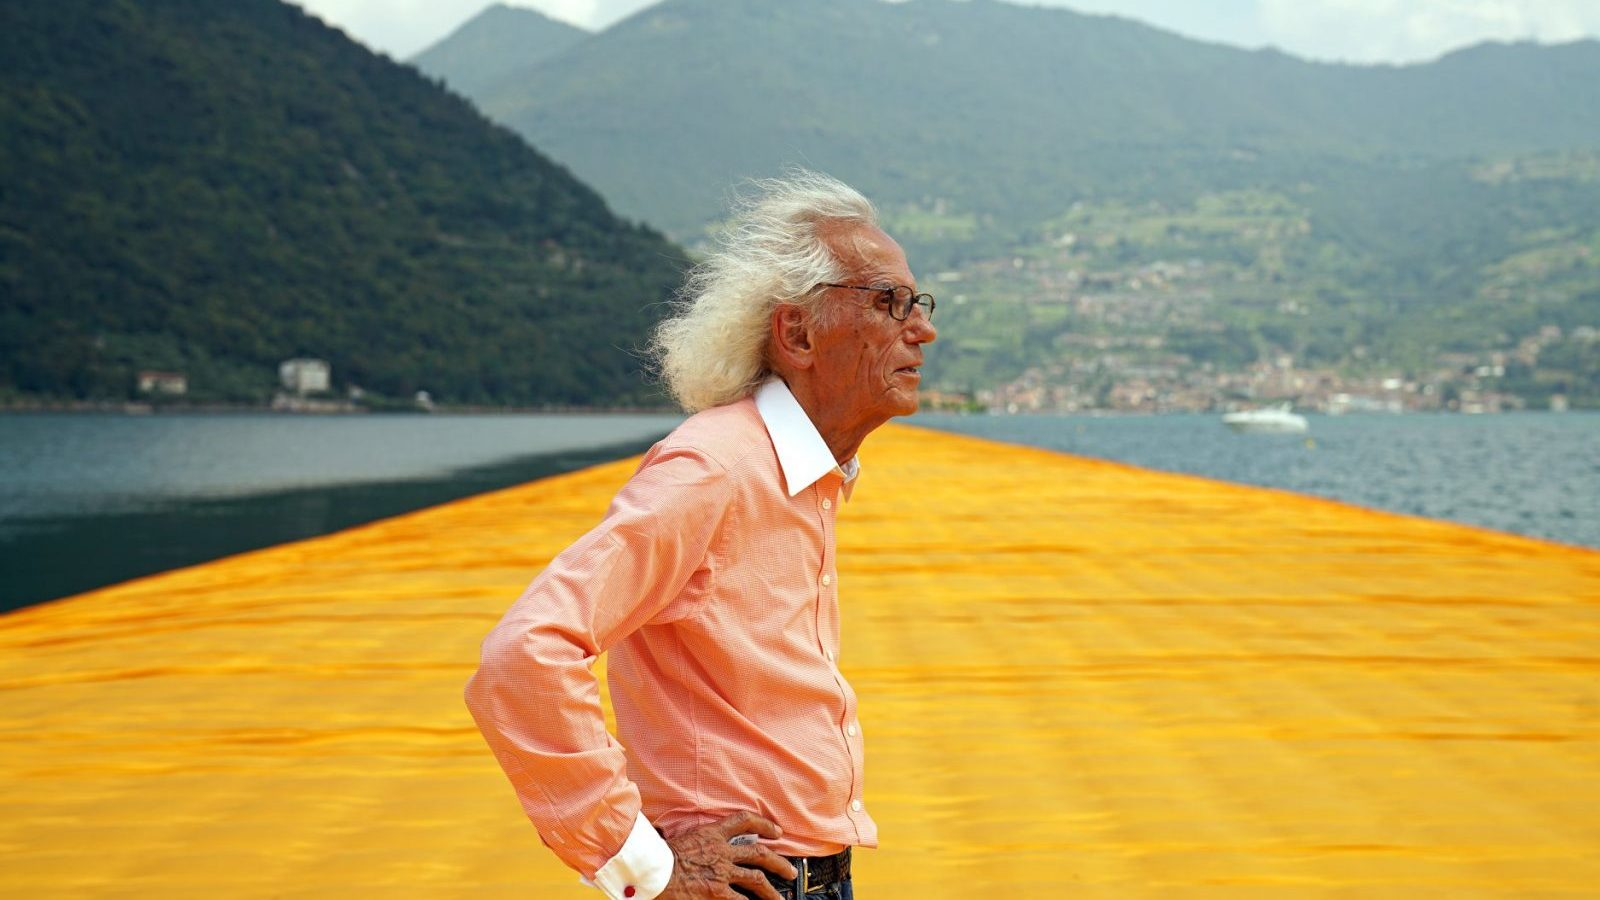 以 Virgil 的「旅行者」角度窥探 Christo 的艺术世界